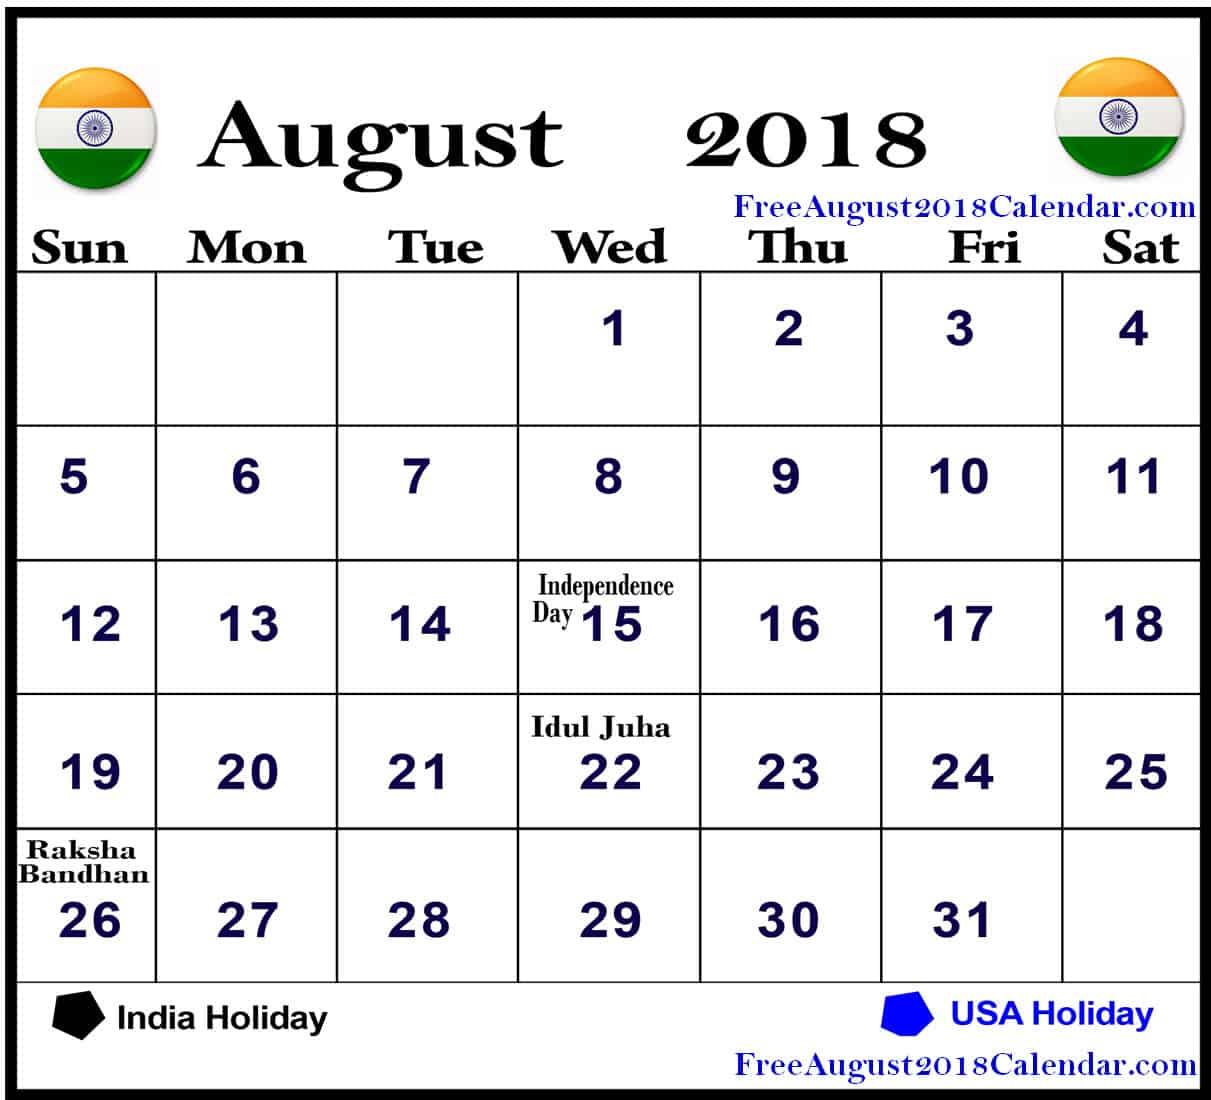 august 2018 calendar malaysia august 2018 calendar india